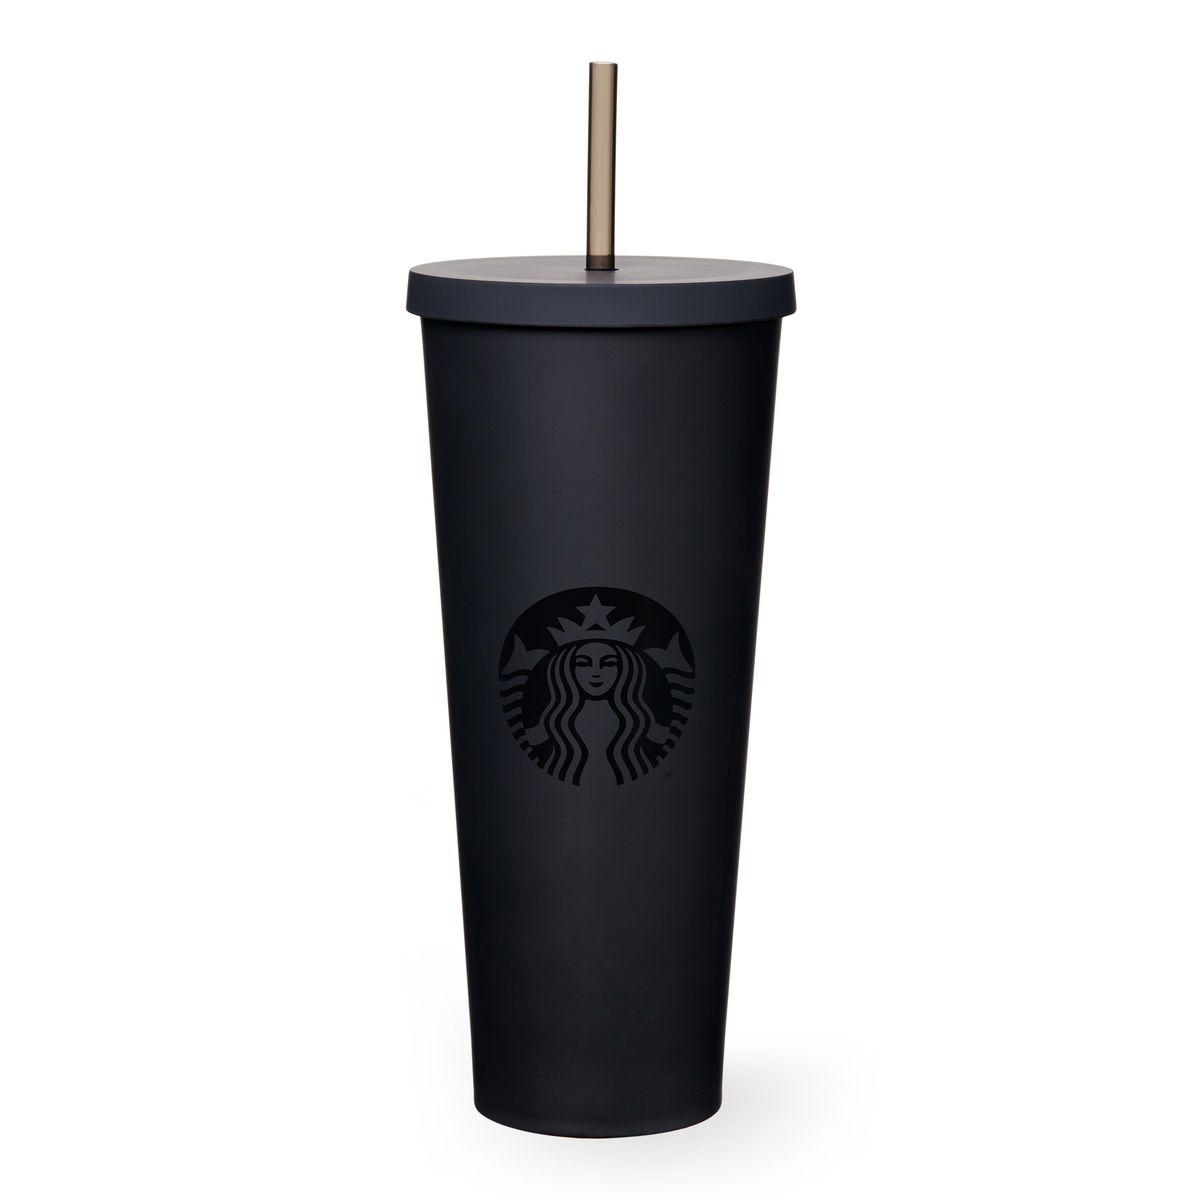 Starbucks 16 95 Venti Size Plastic Cold Cup In Matte Black